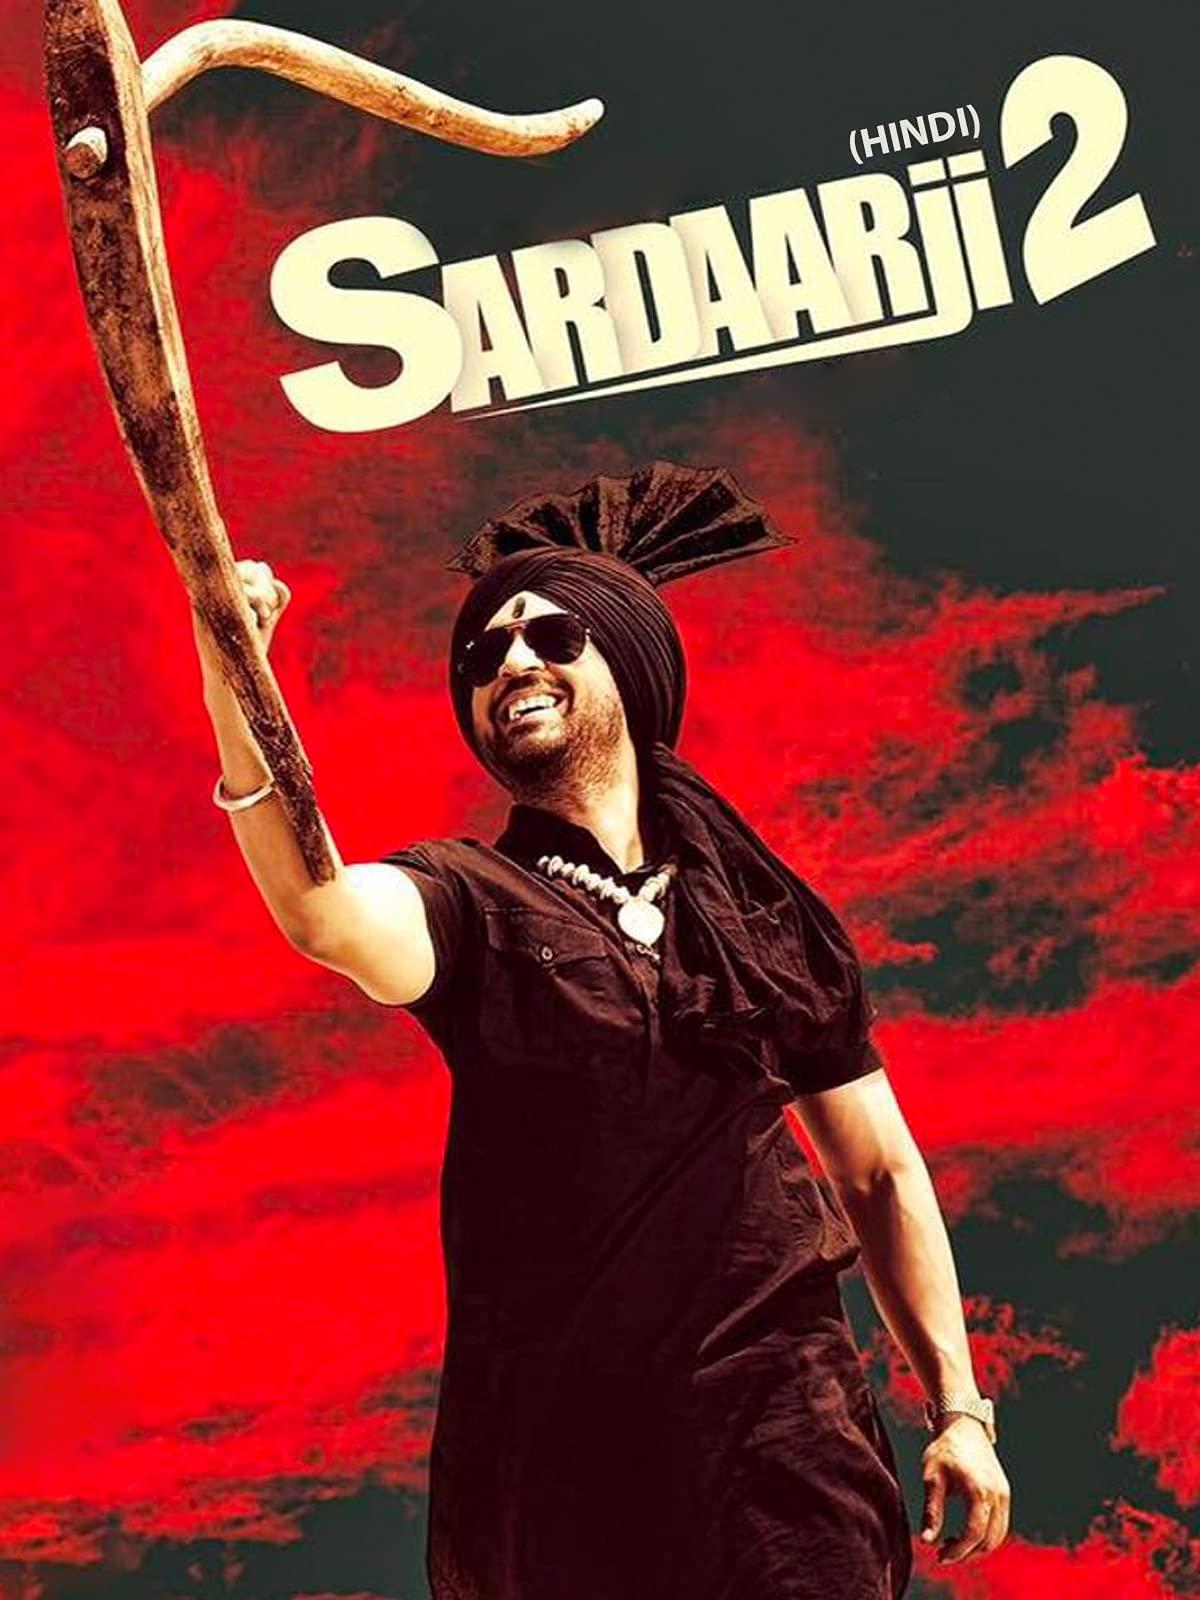 Sardaar Ji 2 (Hindi)